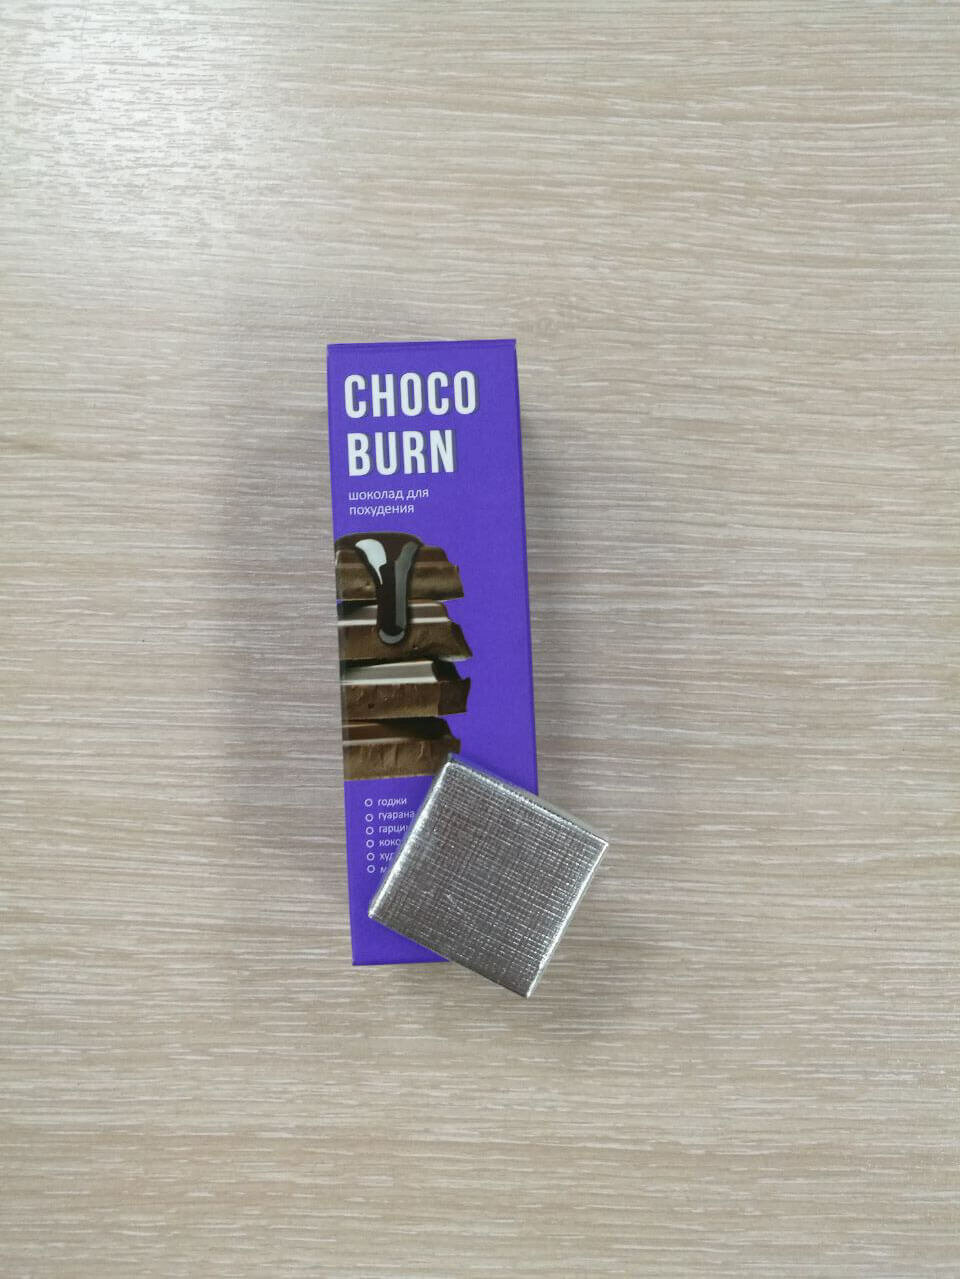 ChocoBurn - шоколад для похудения в Кызыле